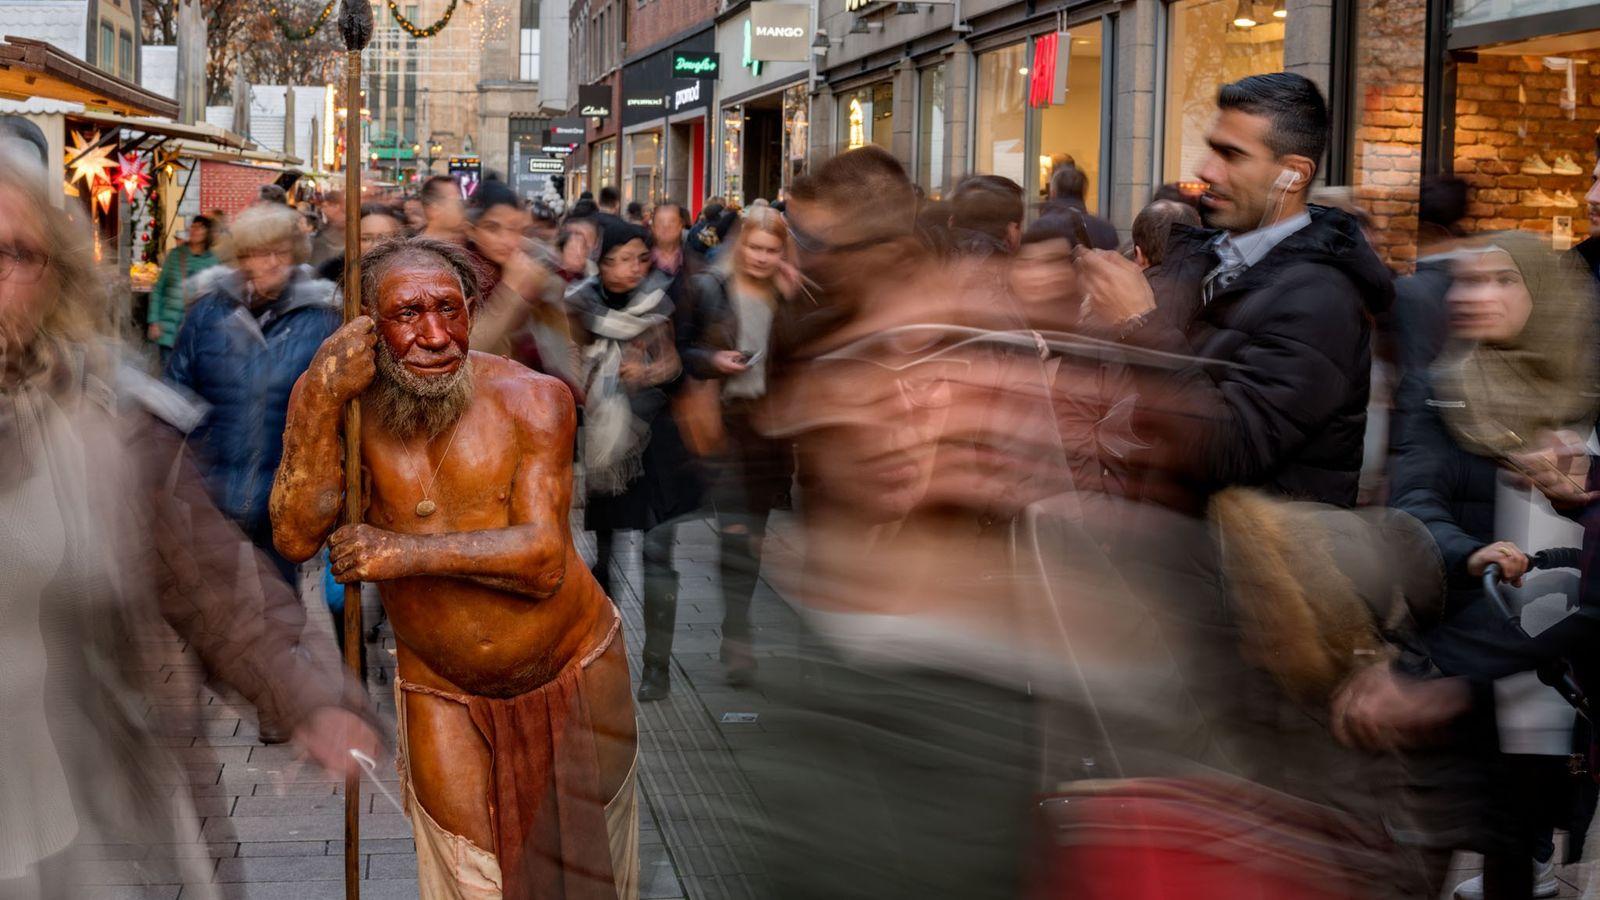 À Düsserdorf, une sculpture proche du musée du Neandertal pique la curiosité des passants.